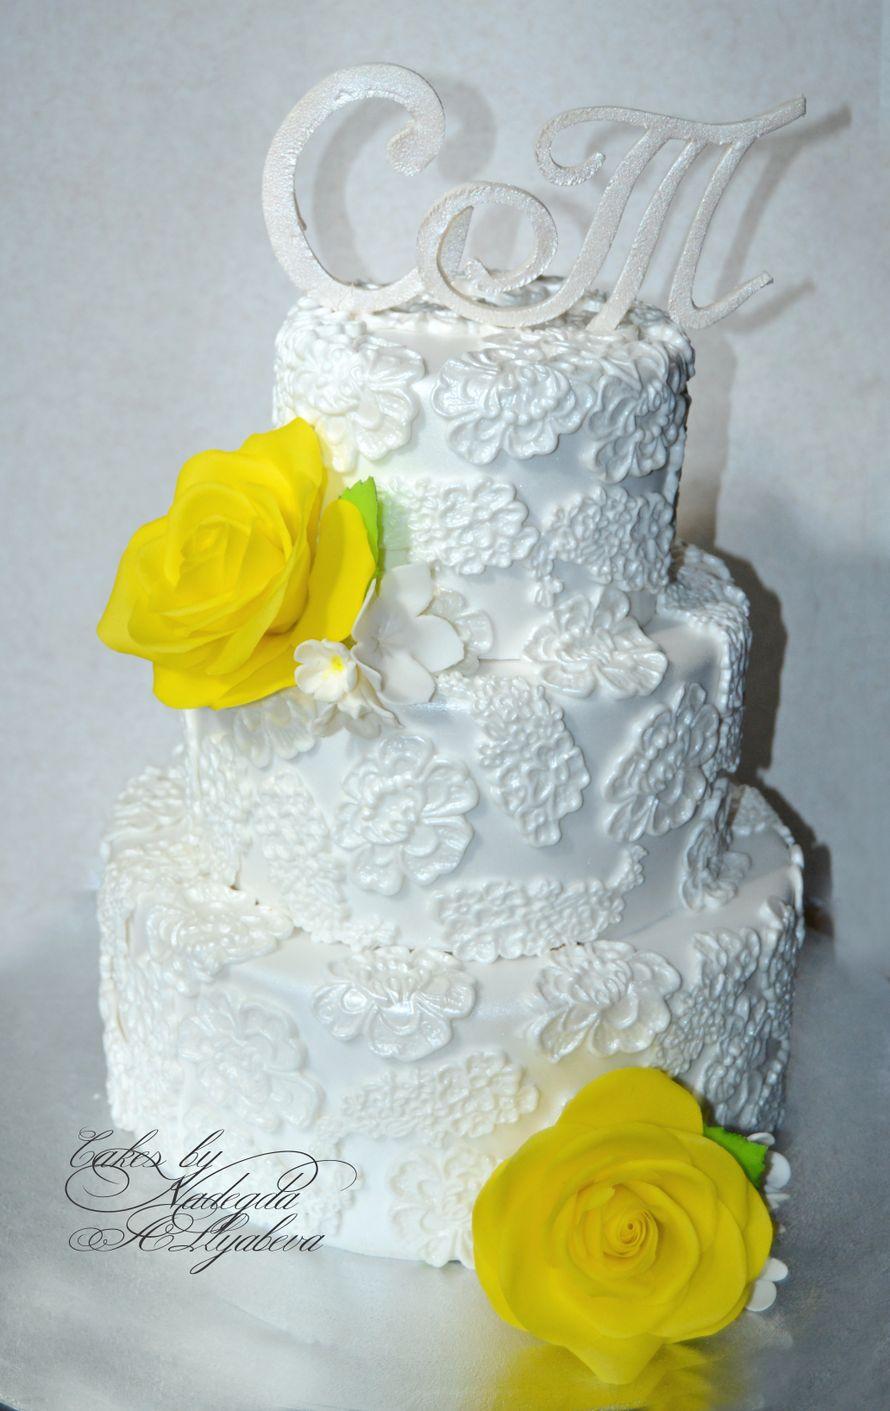 Опишите фотографию здесь - фото 1407659 Надежда Алябьева - свадебные торты